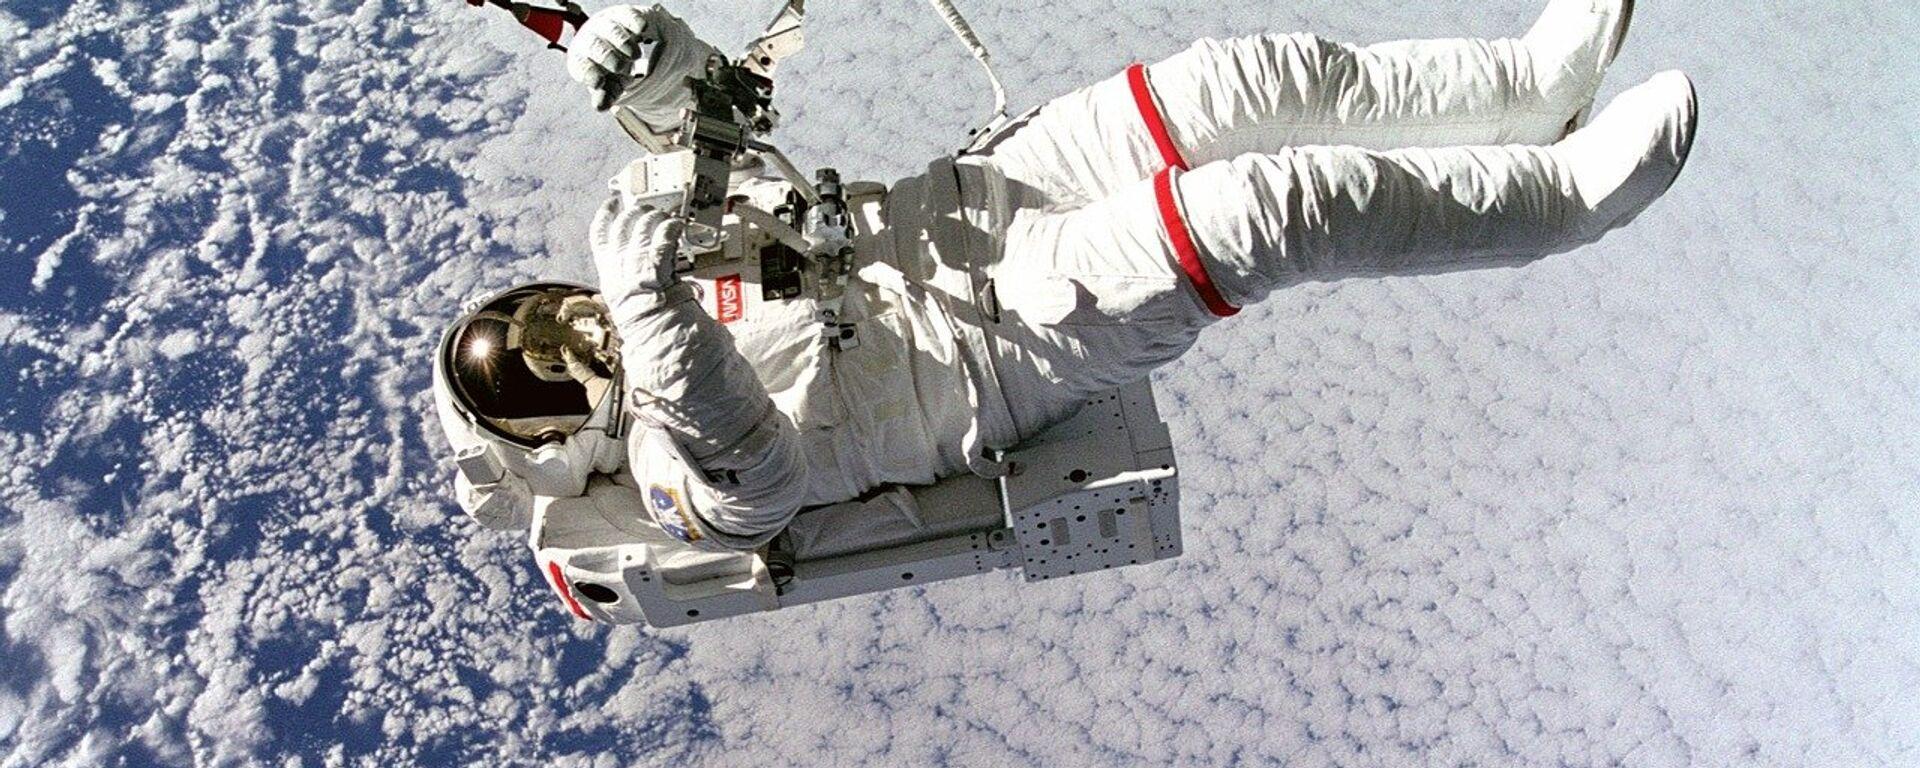 Un astronauta en el espacio, referencial - Sputnik Mundo, 1920, 01.02.2021